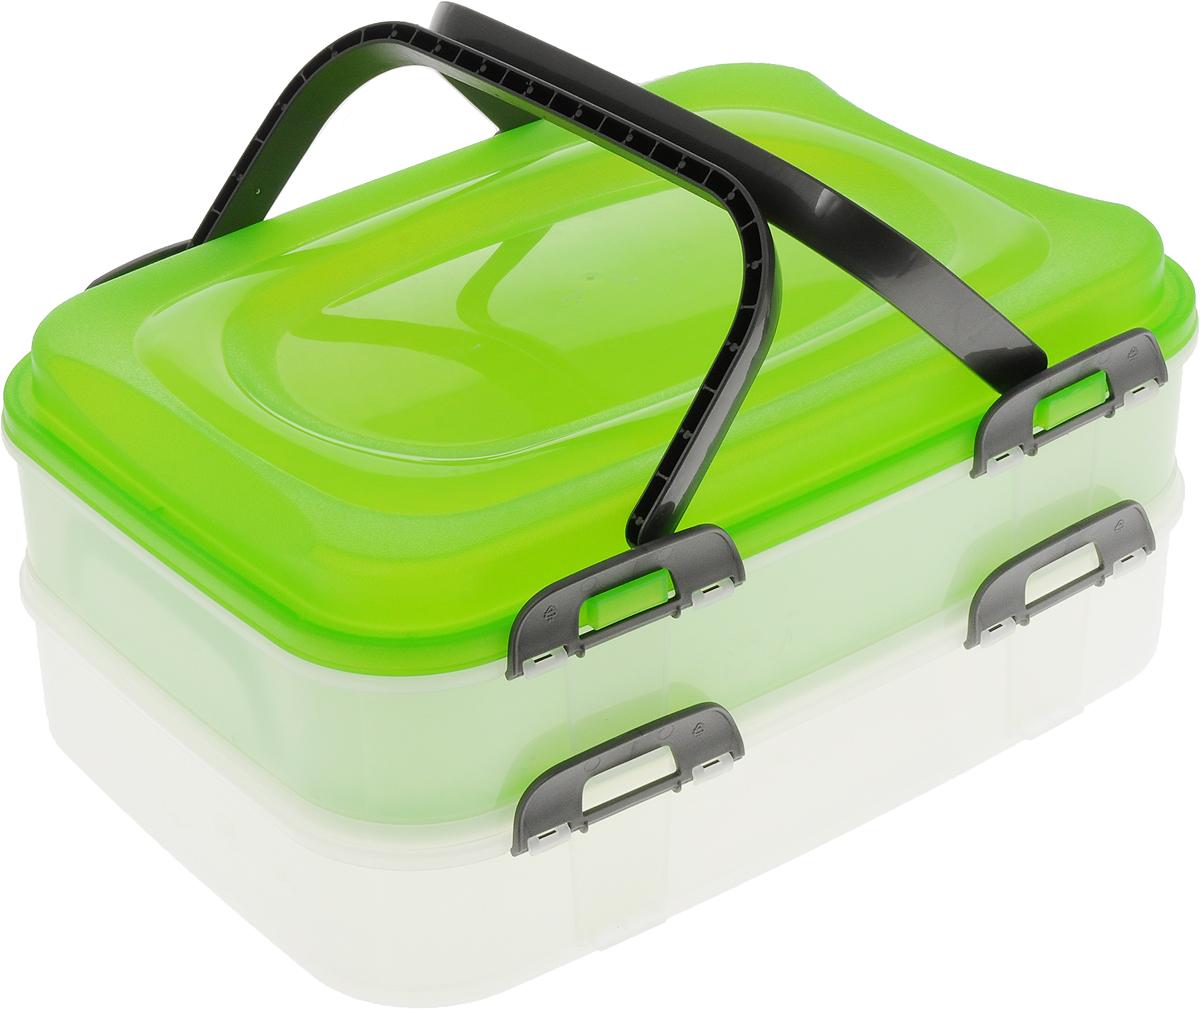 Набор контейнеров Axentia Бокс-сет, цвет: салатовый, прозрачный, 2 штSC-FD421004Набор Axentia Бокс-сет, изготовленный из высококачественного пластика, состоит из 2 пищевых контейнеров. Изделия оснащены крышками с застежками и удобными ручками. Идеально подходят для бизнес-ланчей.